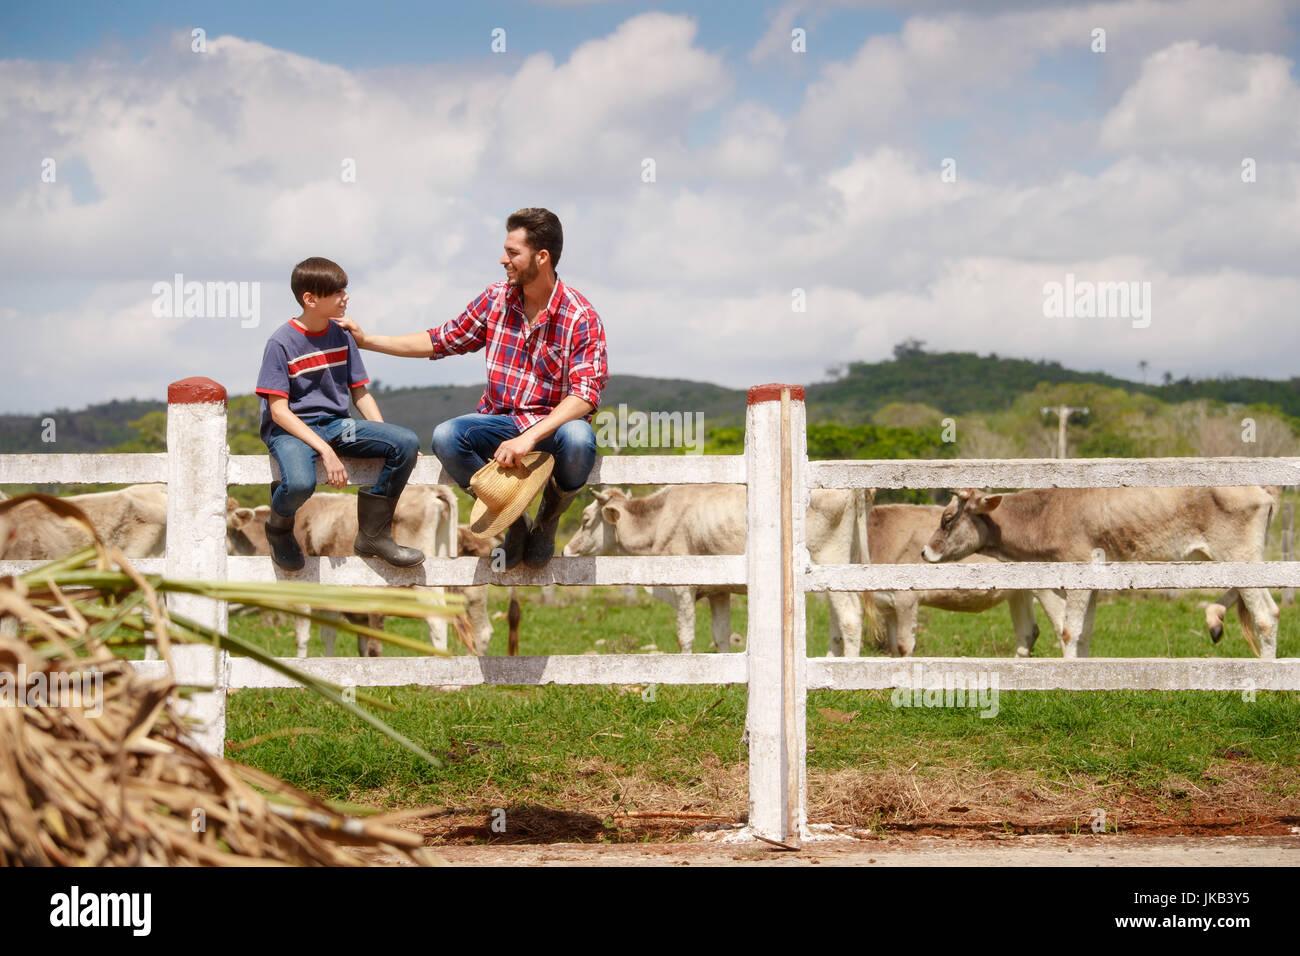 La vie quotidienne des agriculteurs avec des vaches à la campagne. Le travail des paysans d'Amérique Photo Stock